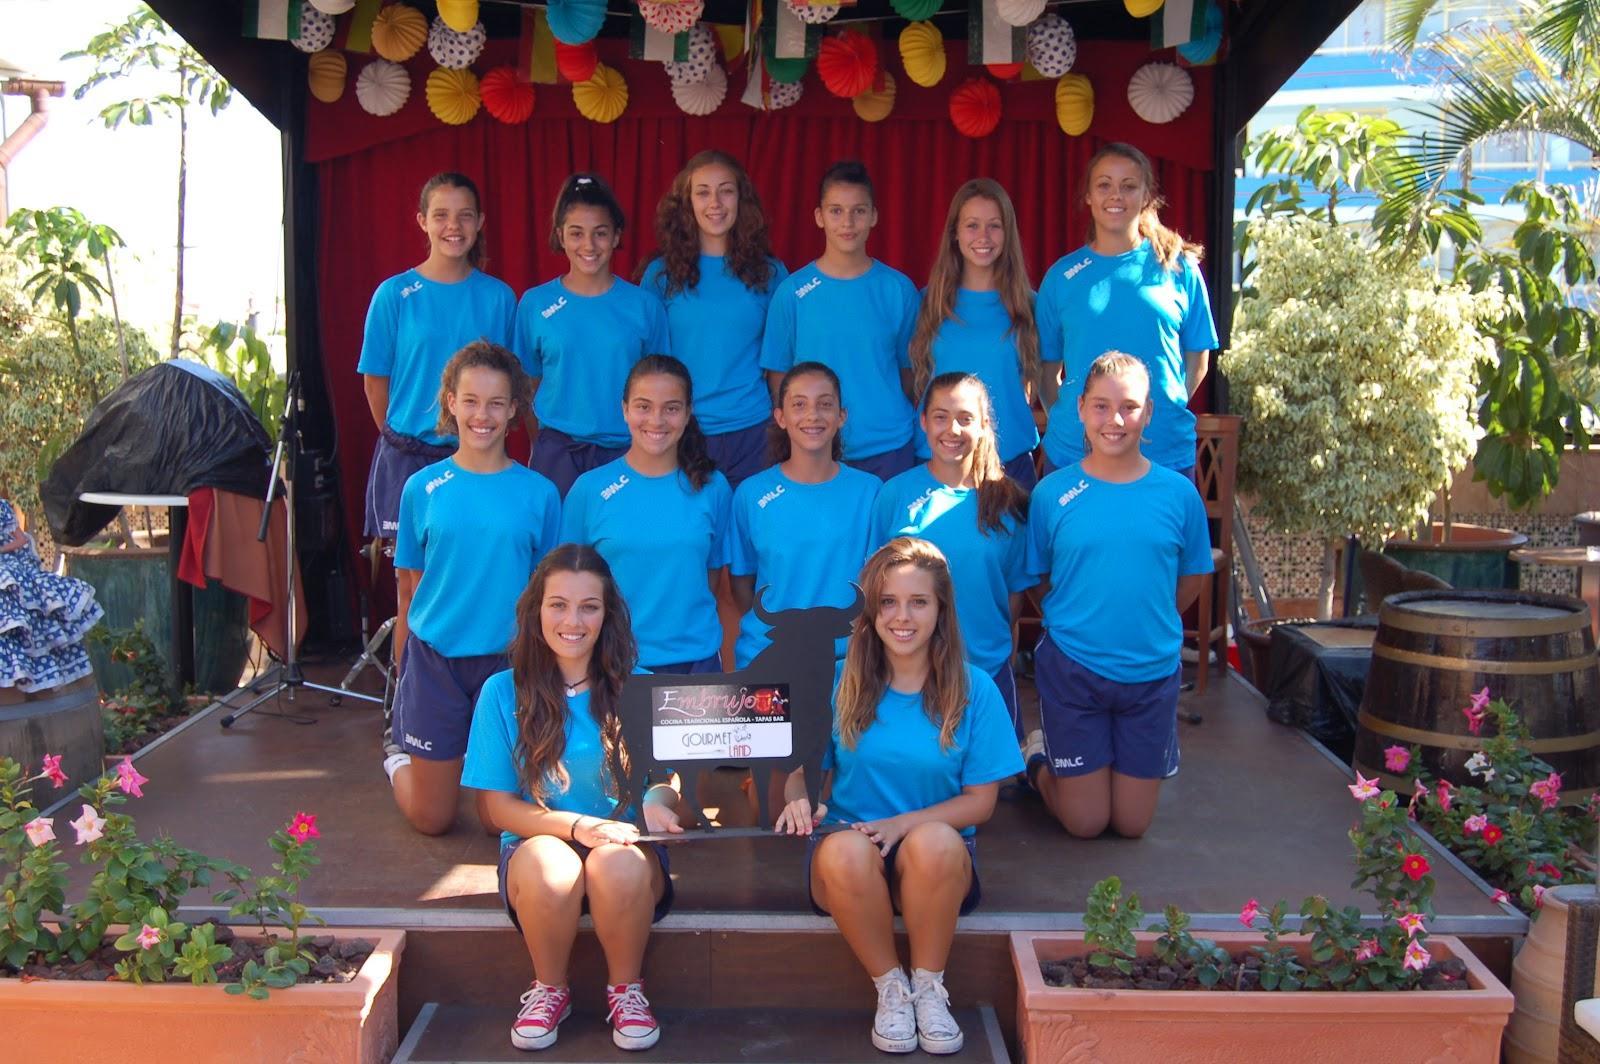 El BMLC Cadete Femenino de Balonmano visita el Restaurante Embrujo El equipo cadete femenino de balonmano Club Deportivo BMLC Los Cristianos visitó a su patrocinador El Restaurante Embrujo de la […]